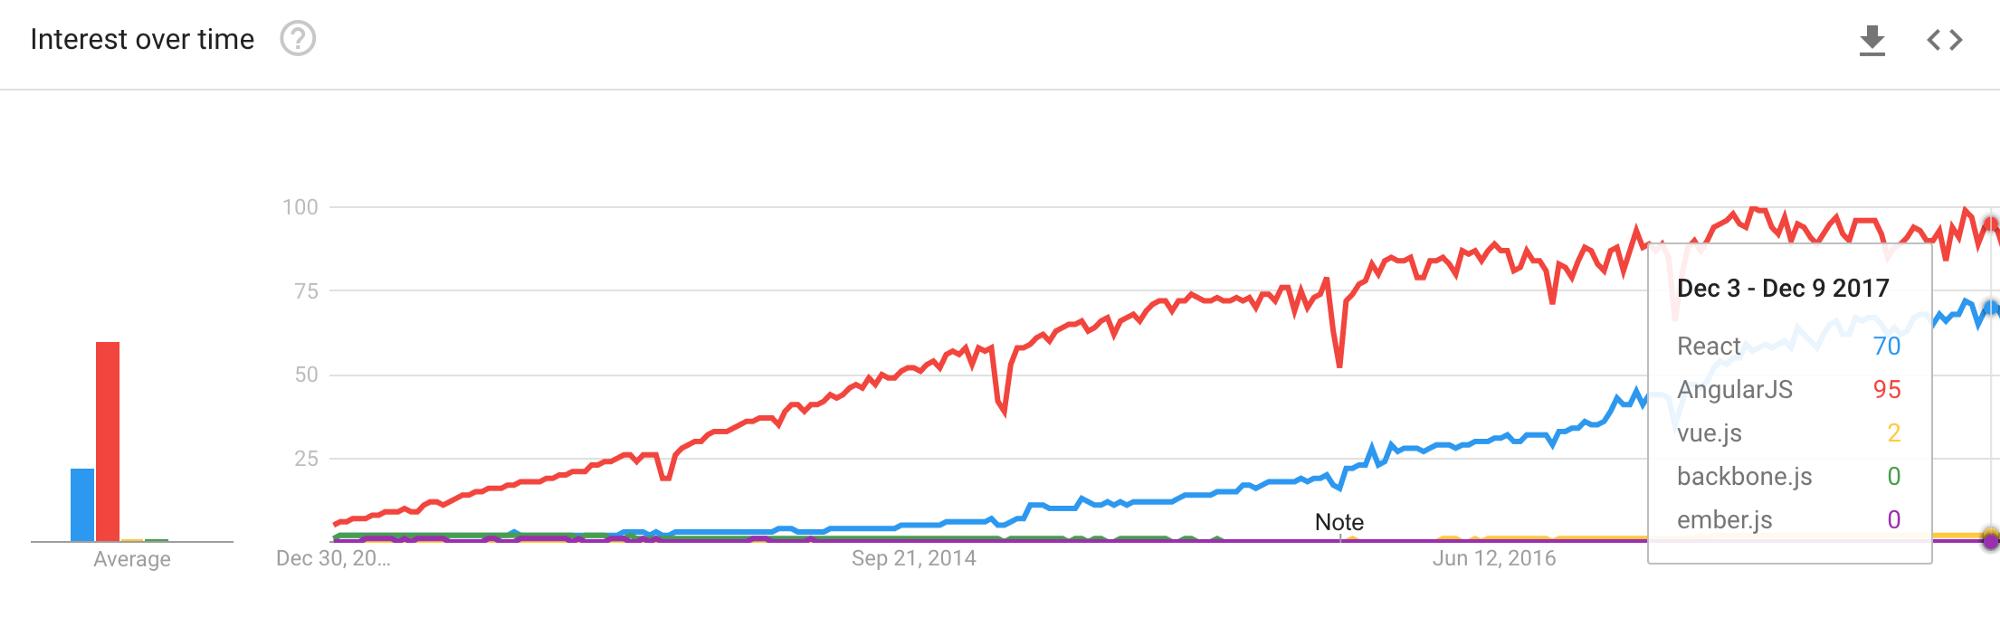 Все еще много разработчиков работают на базе Angular.